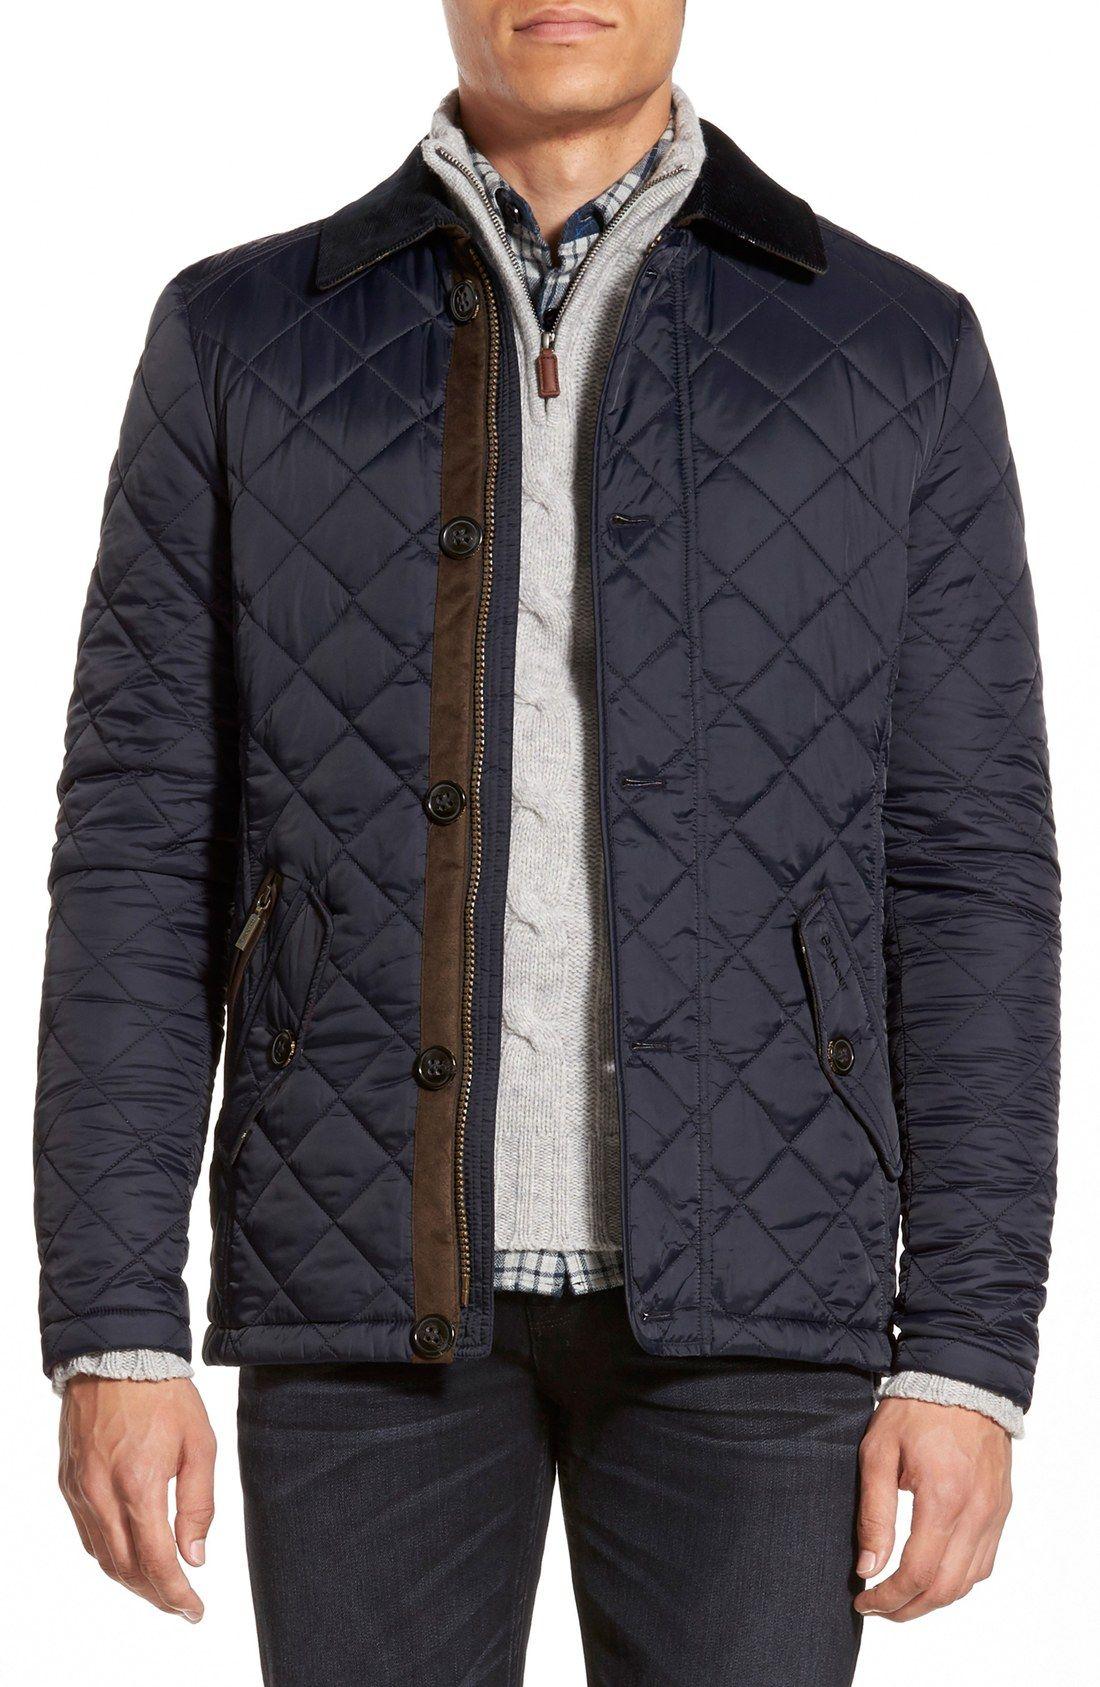 Mens jacket barbour -  Fortnum Regular Fit Quilted Jacket Men S Coatsquilted Jacketbarbourguy